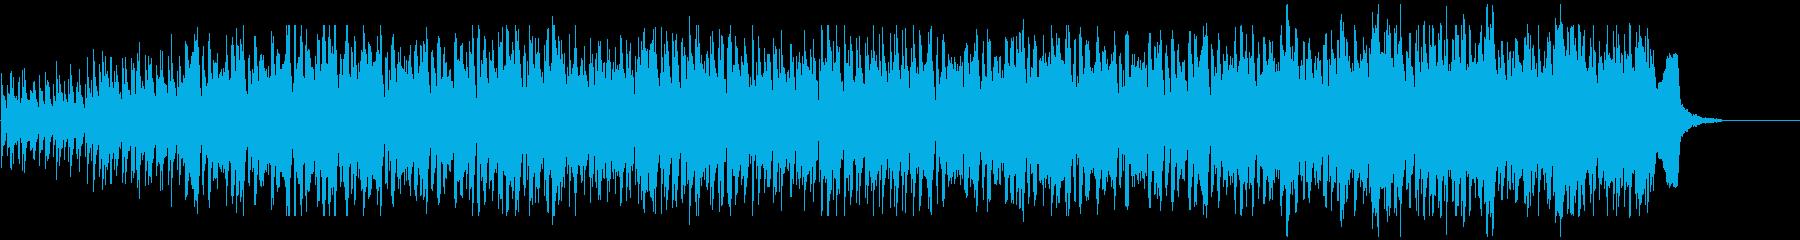 中世、ヨーロッパ、マンドリン、フィドルの再生済みの波形